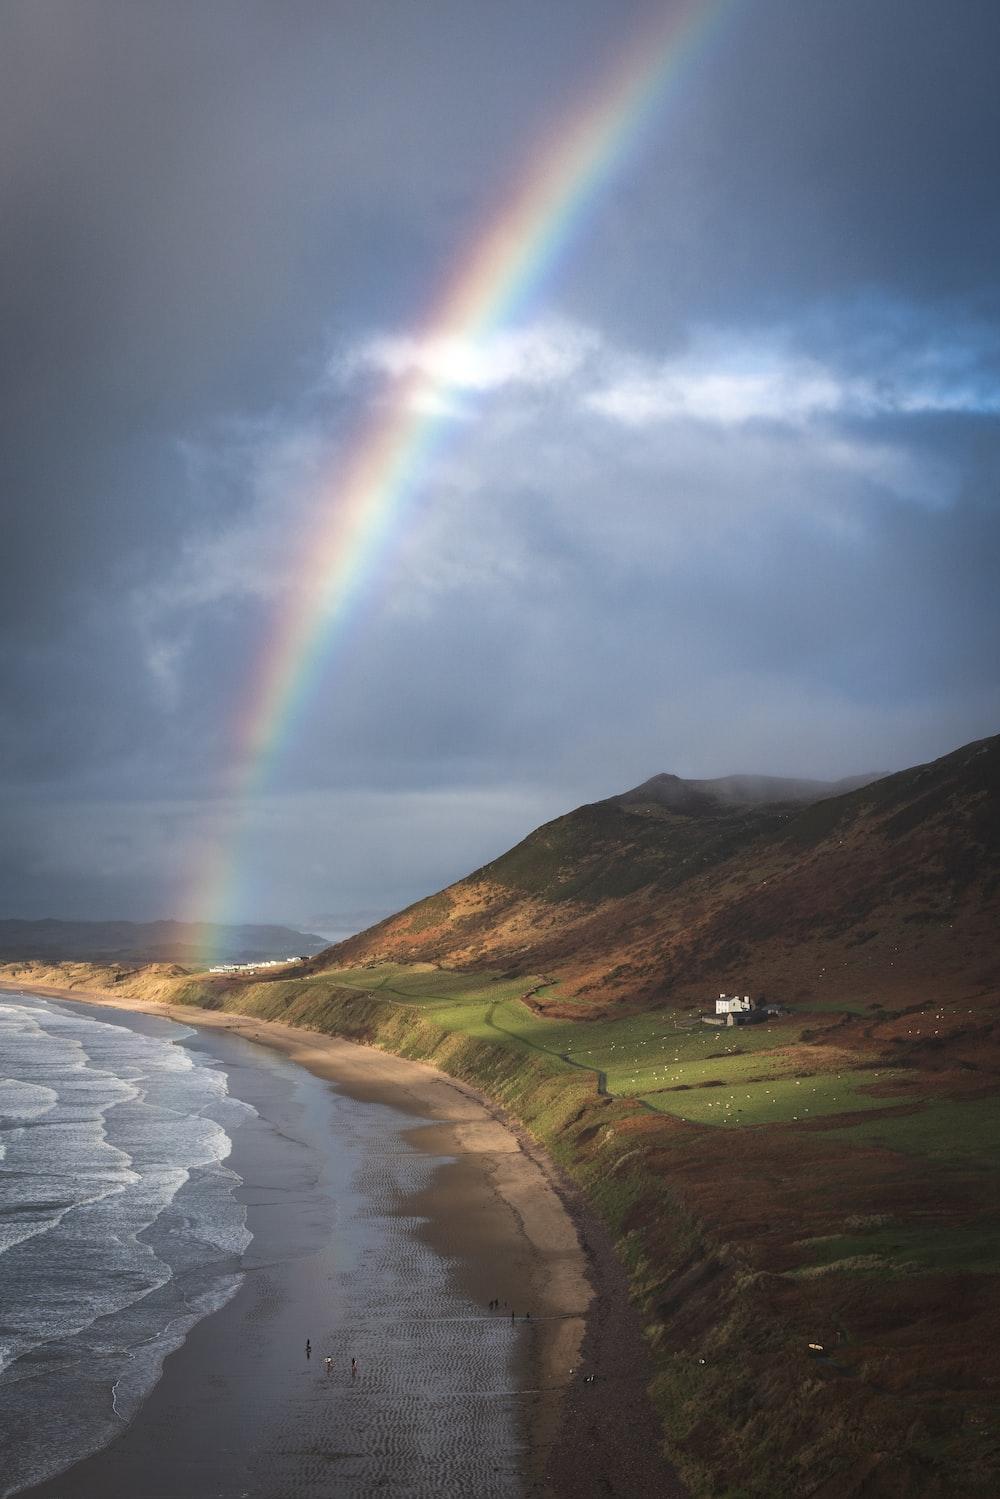 rainbow under cloudy sky